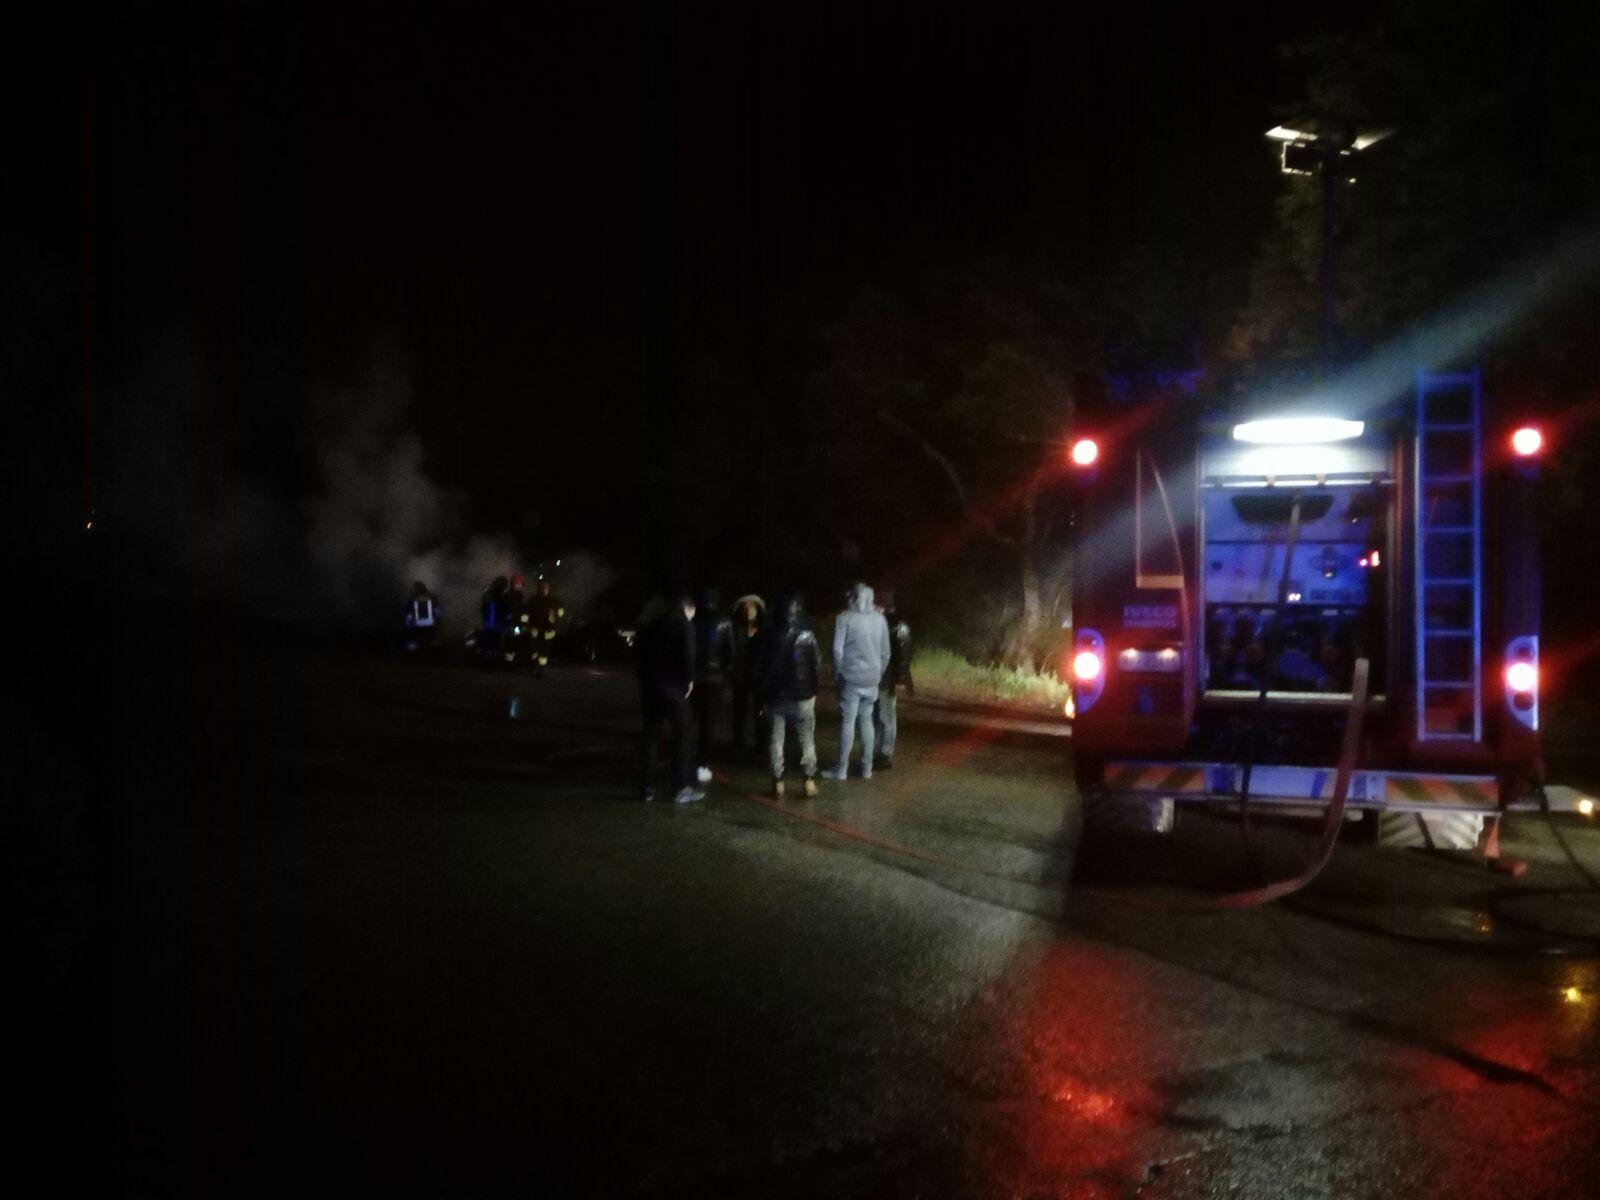 Cinque incendi nella notte nel Vibonese: bruciate quattro automobili e un escavatore in un cantiere